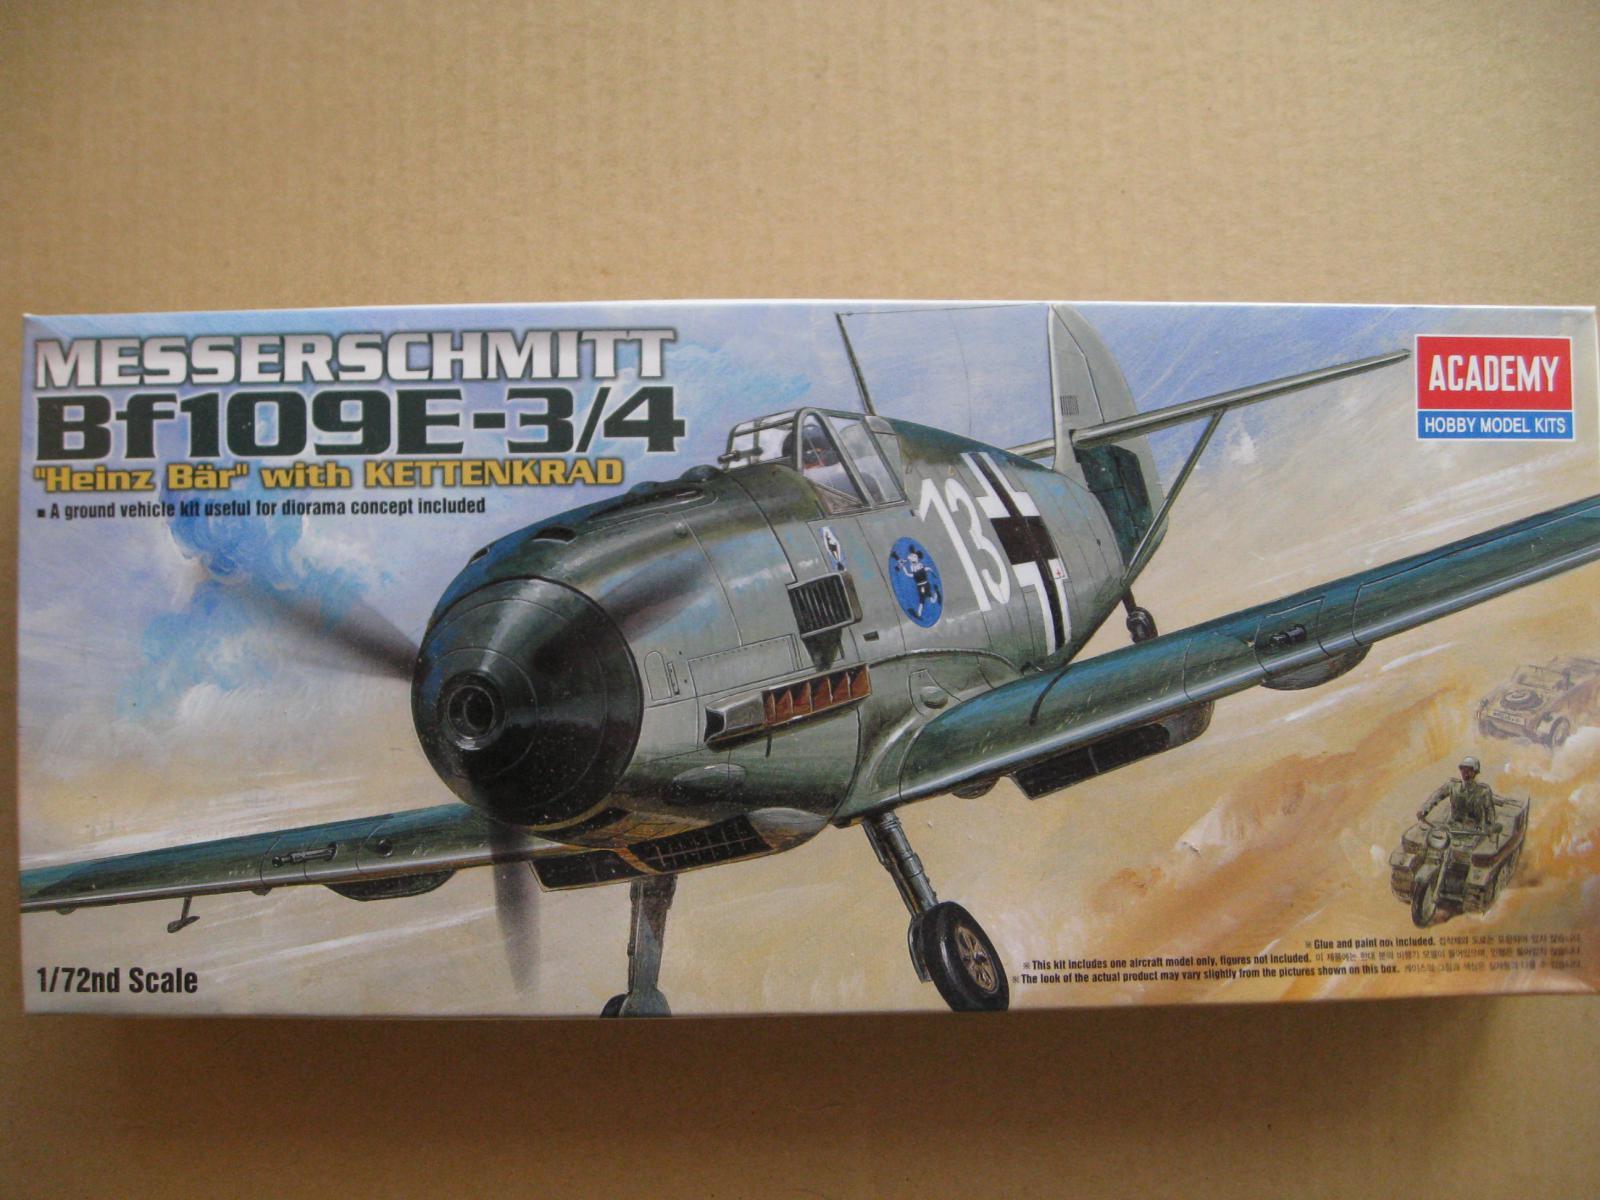 Messerschmit Bf 109 mir Sd.Kfz. 2 von Academy Kn1y-3u-7f1d